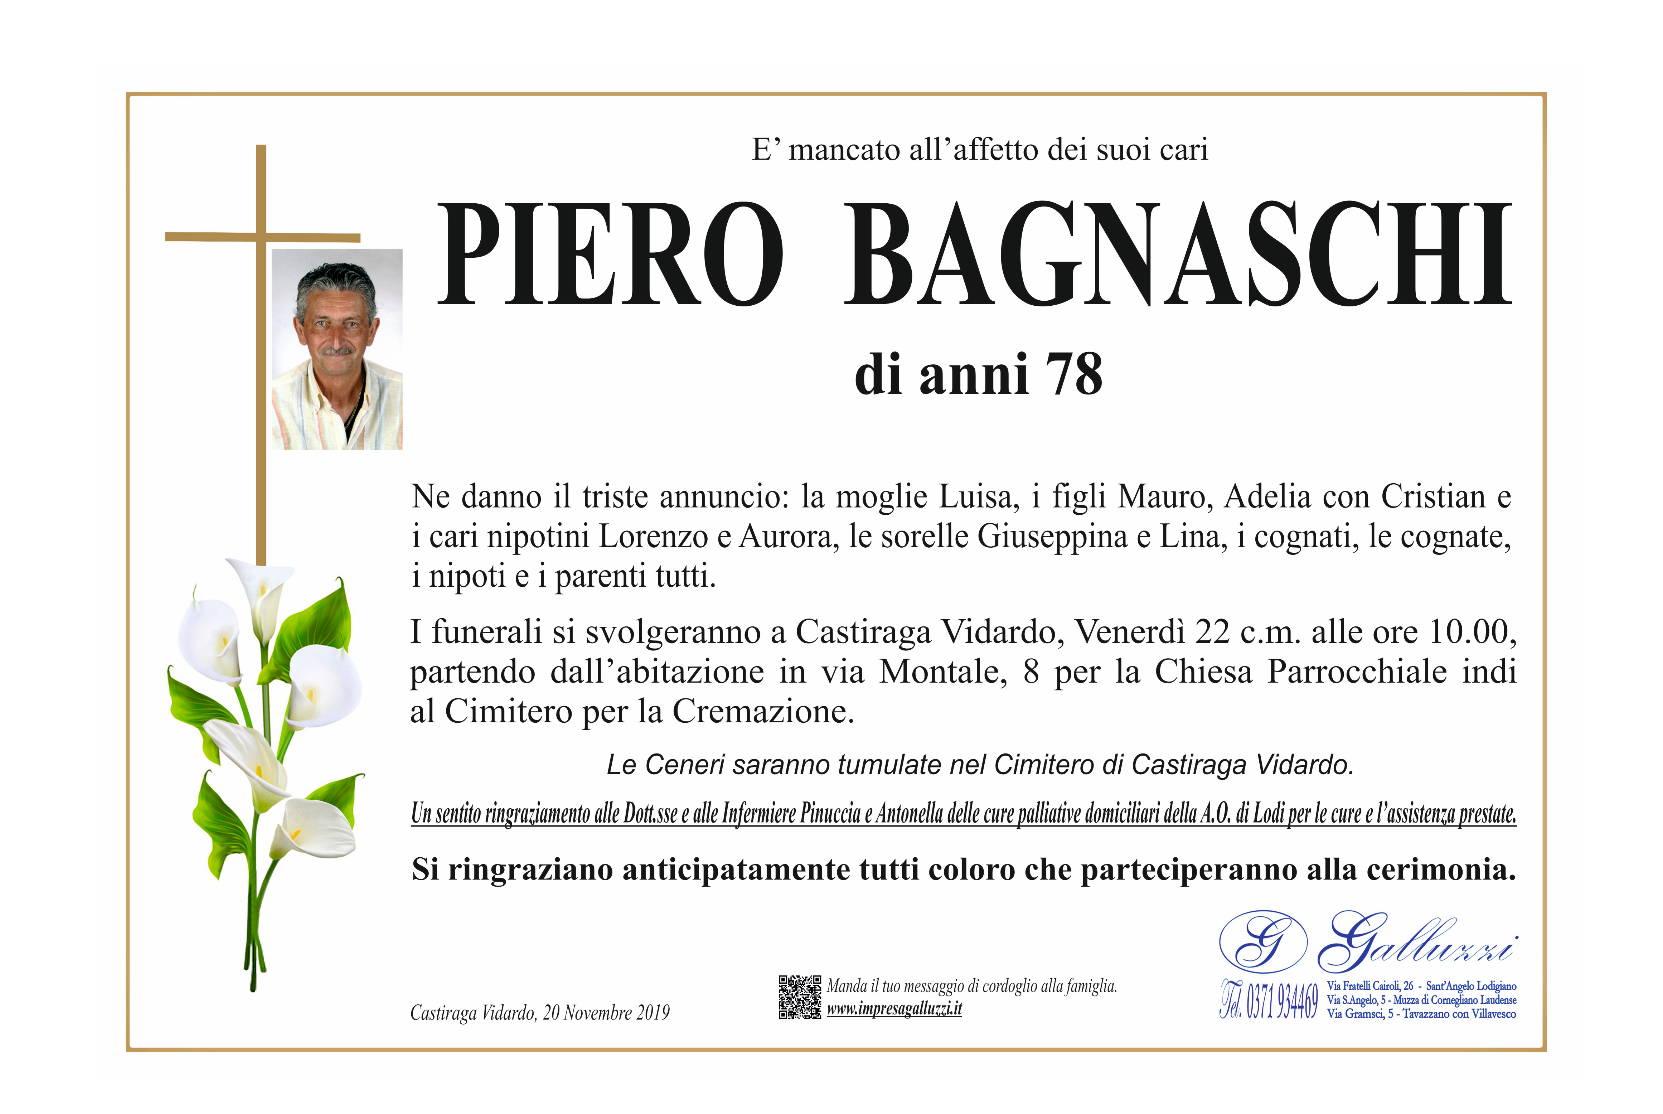 Piero Bagnaschi